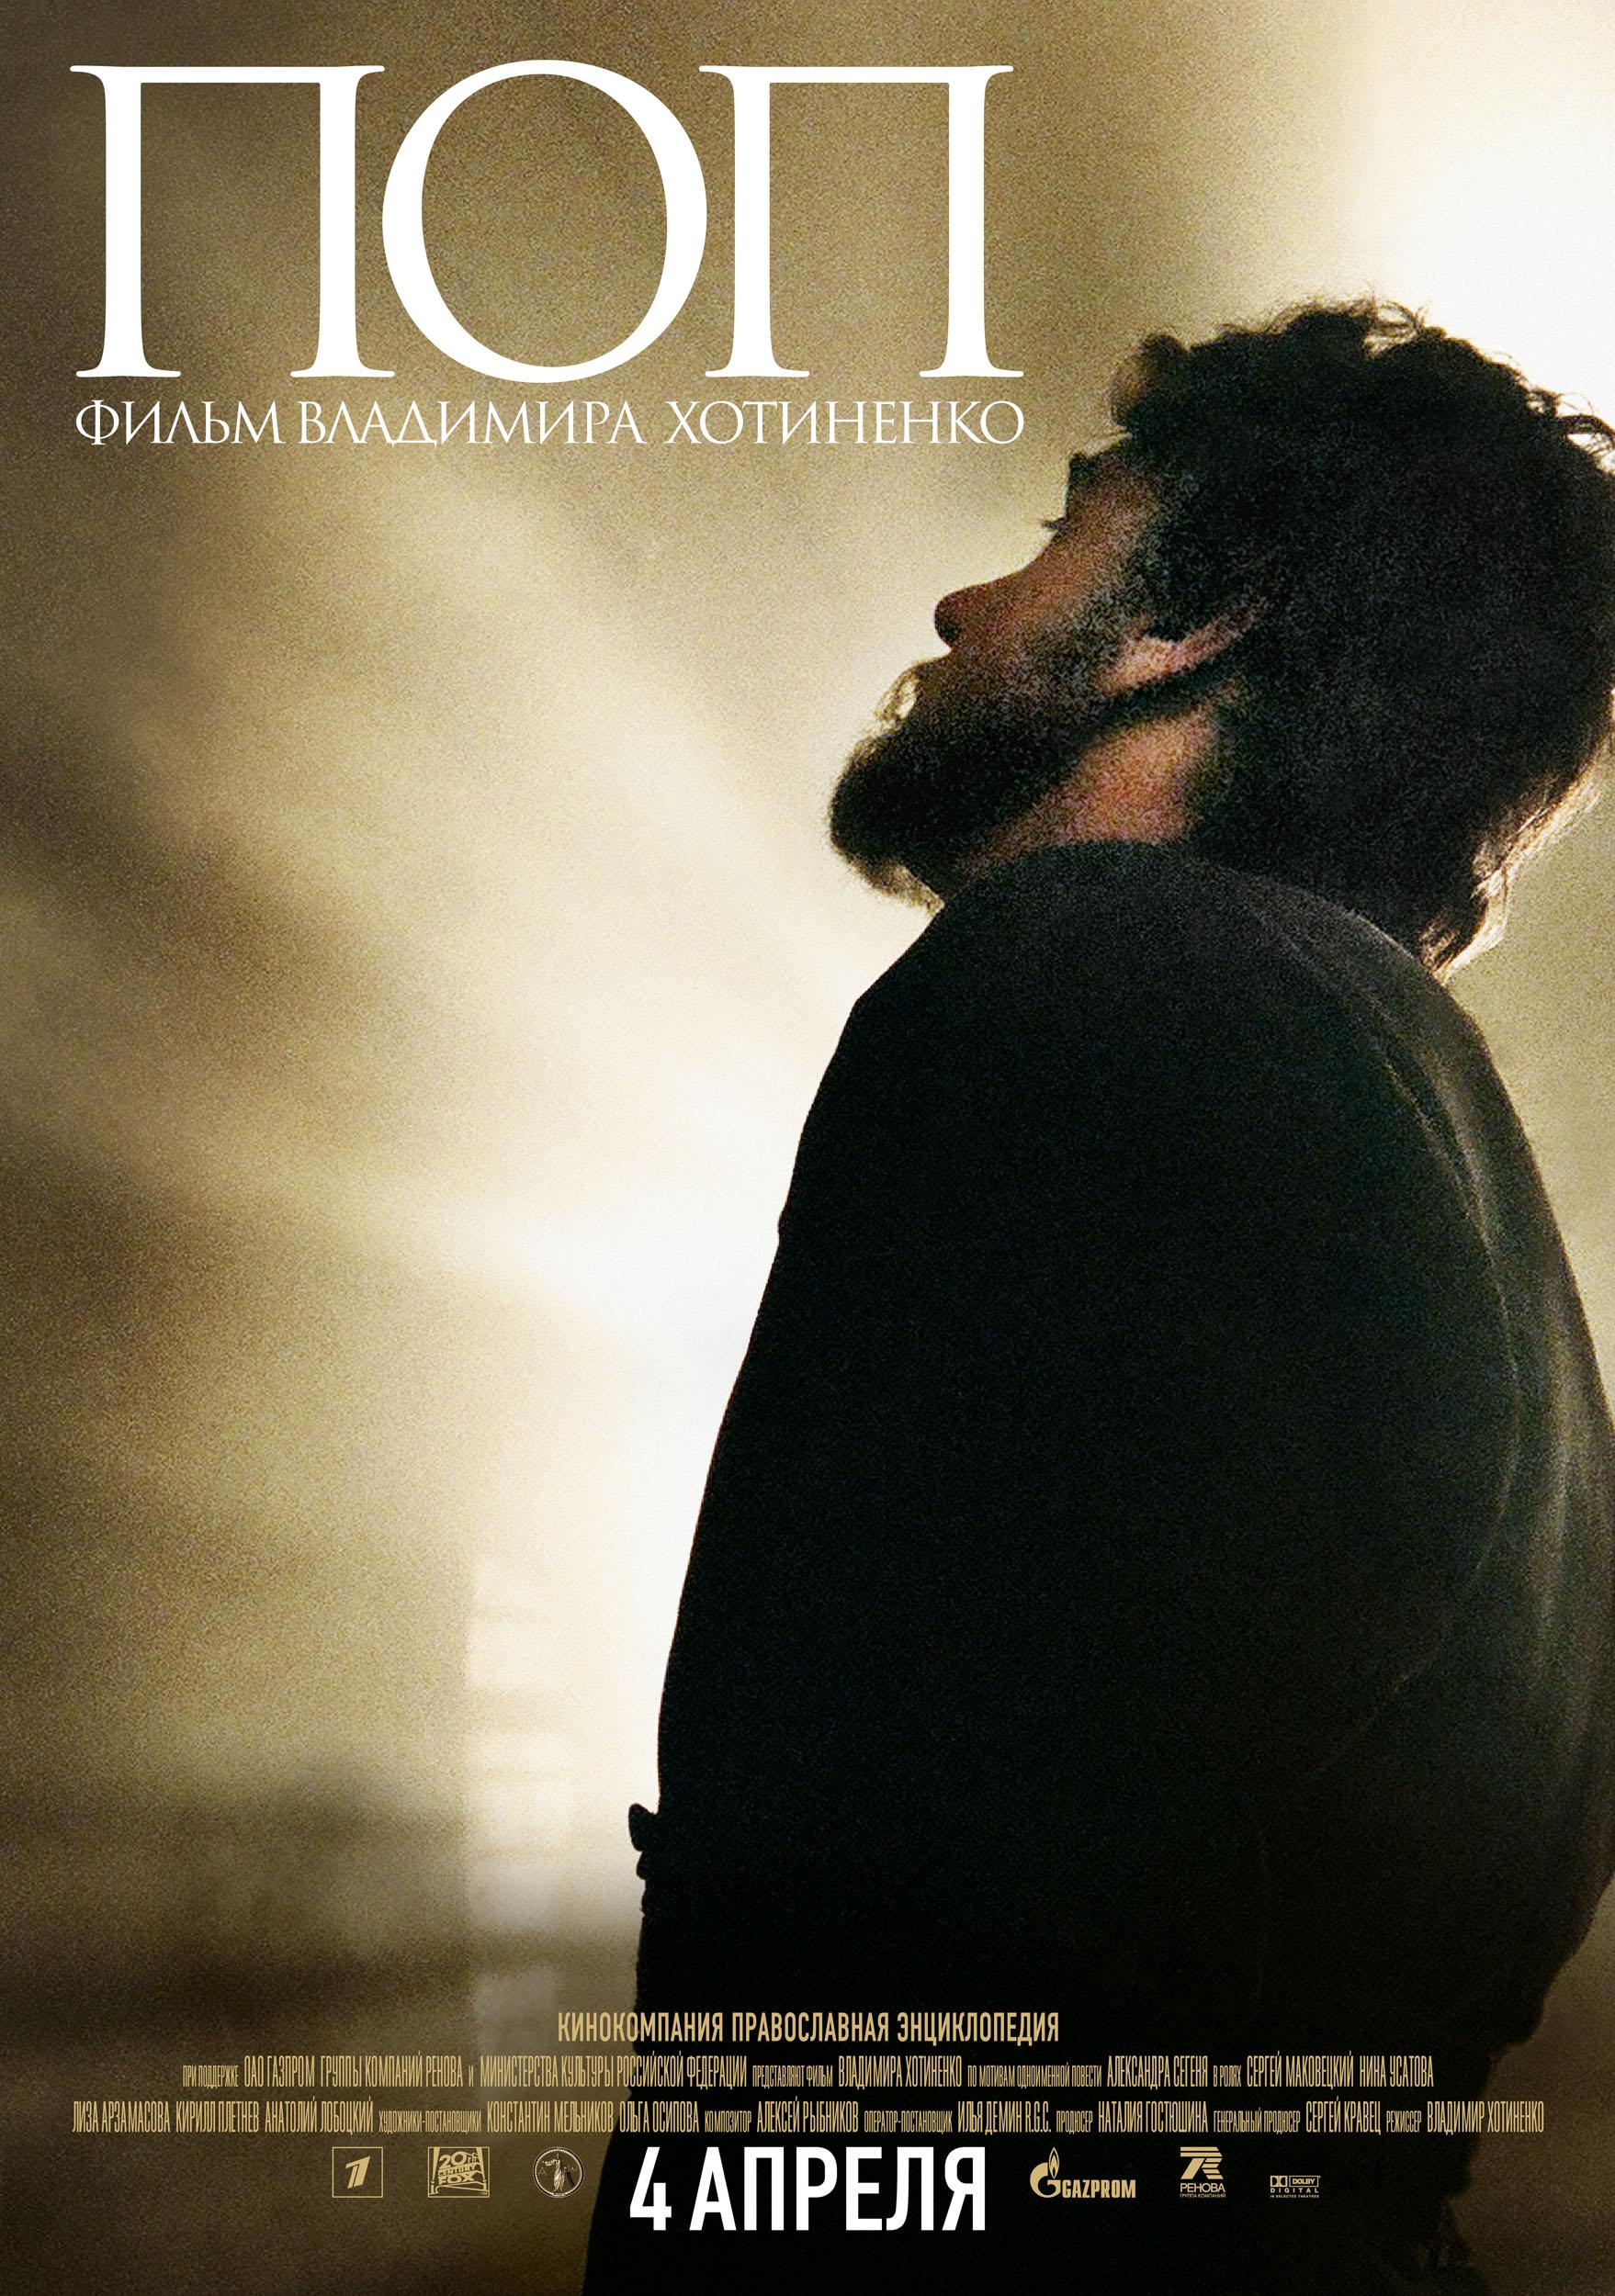 Поп R5 DVD-9 2010 Drama / History / War.